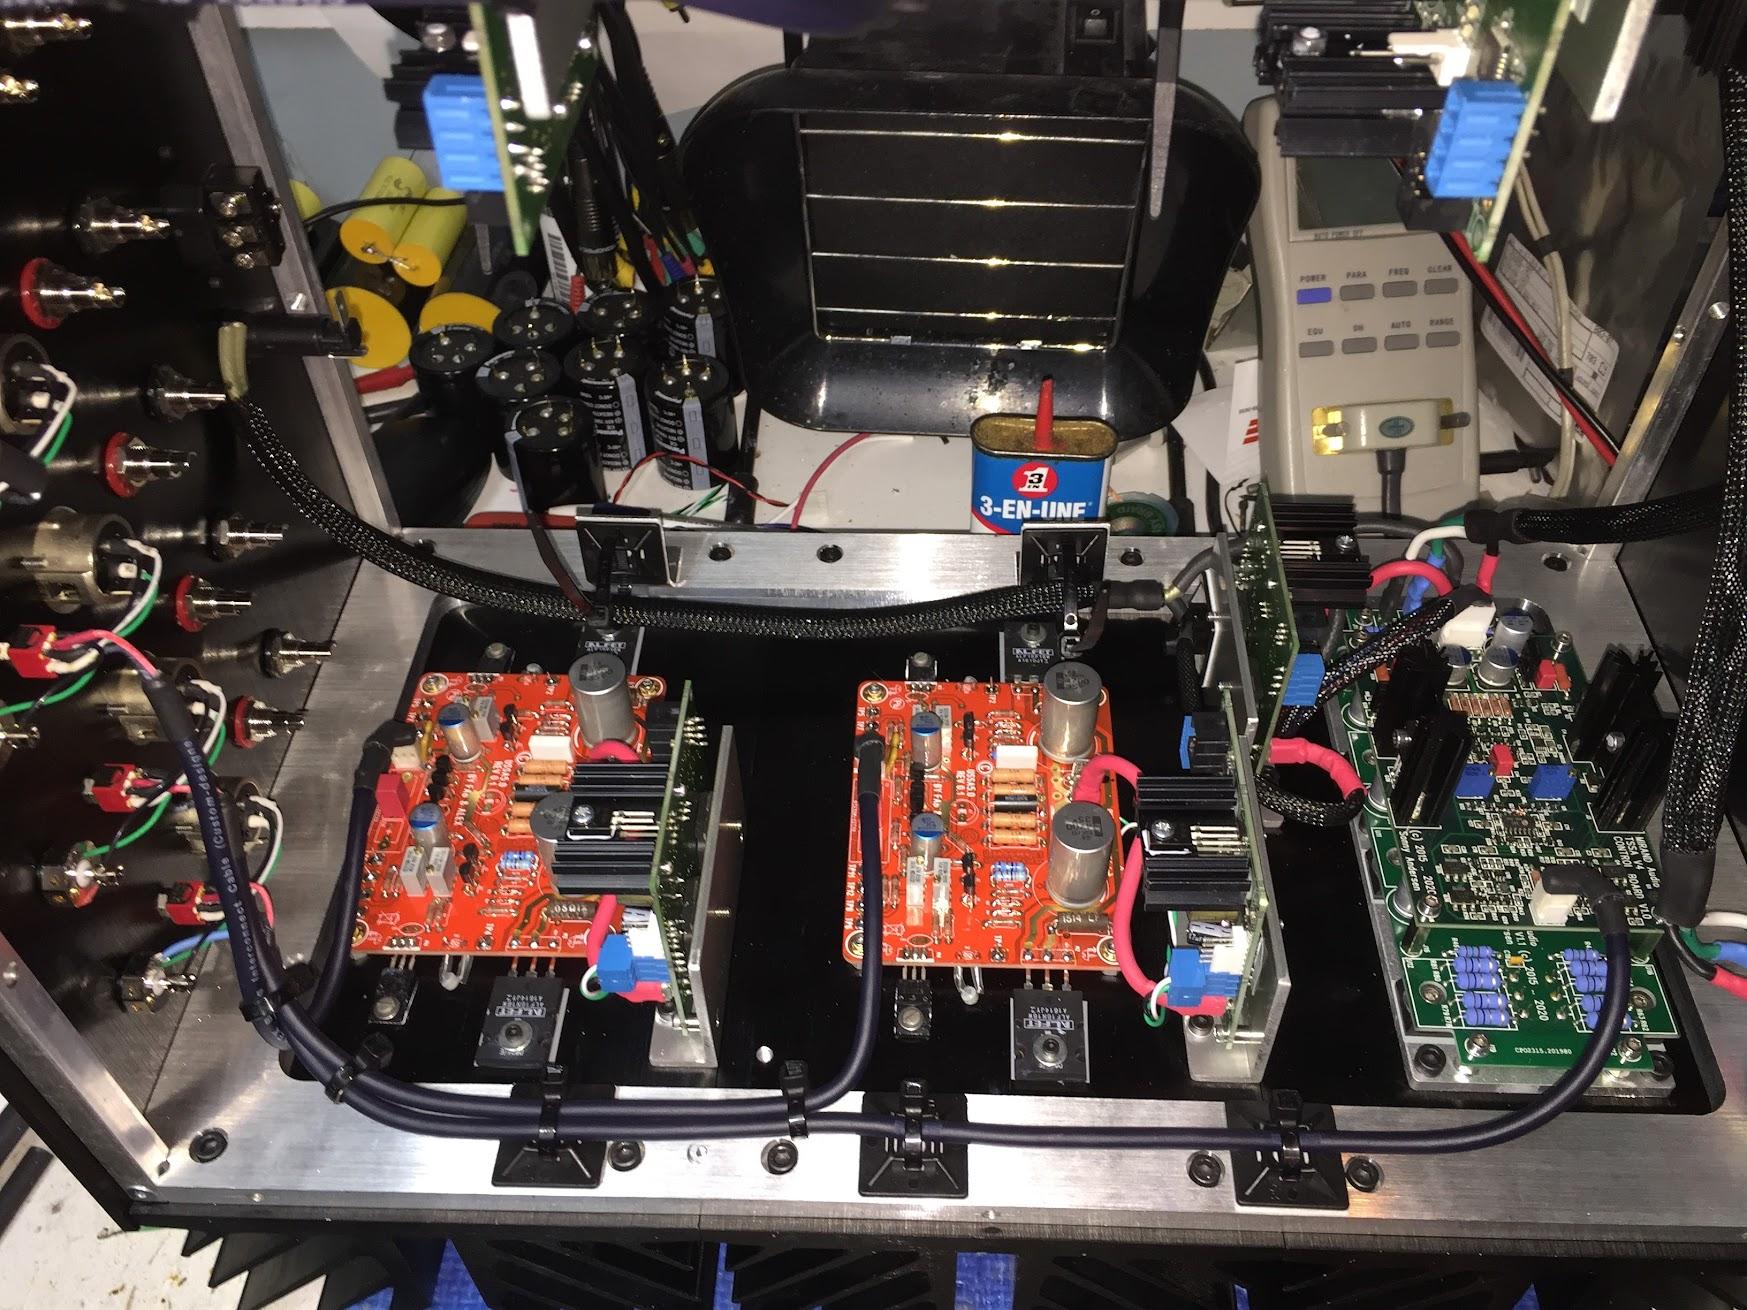 Amplificateur 6 canaux pour actif trois voies TFpiCtRO5X7jAfChnLvOcm7CkaPD9rXH-ODcOsMr3fk2EjM6zudH7AQQwM2CeYyCY1-98ZjJs4Y8nxUrHRQmJ7fglmjwCnjg-O1zpO0OHDI32ExmXkO64RudAU--0G7ySbBpdi1zzBY0BdNFDsU3v7AhBx4NsrBcyGnWL5767zz9Oi84zEwwpJiKEjF_2seu2BCJe0yJ2WKSveSi-I135QuYODTdVQgH9CjhtDCIPrFtA44sUYj0Y2qeH0vSBVJ4OBFeOiY-klaOv3_mtsiKm7zELrgmHVep1D6Ytb1ALc2t4Cx27lbdk3FnTV6BNXZk855t-3ZfBvHEieOpu59IC0Gdeo44DIf4pUA9TUsyzHqokOMI9U_v9symW6TSHJBu12xw0wxWLGV0yNGC9nnHM-xGWBP6ndRPHdW-3C1z7lu8xhnD8pU29wCRkR1X_l4bLM5txt02GwVCFZ7dzMVZT5Ck261Uk3DBsLMVwbEdBJc0eiWoORLilwV5NzxIfqBCu2So_XsXnh5bHyxOcGBXJNmcDIr4o79gXGEUCCE1V5hPenGbG3BYEQvJsZS0Z_39pjvoDTHwmsZBf_OrLl7WUnsbt7F-AobO9-dmfb_XAxefUvkV=w1747-h1310-no